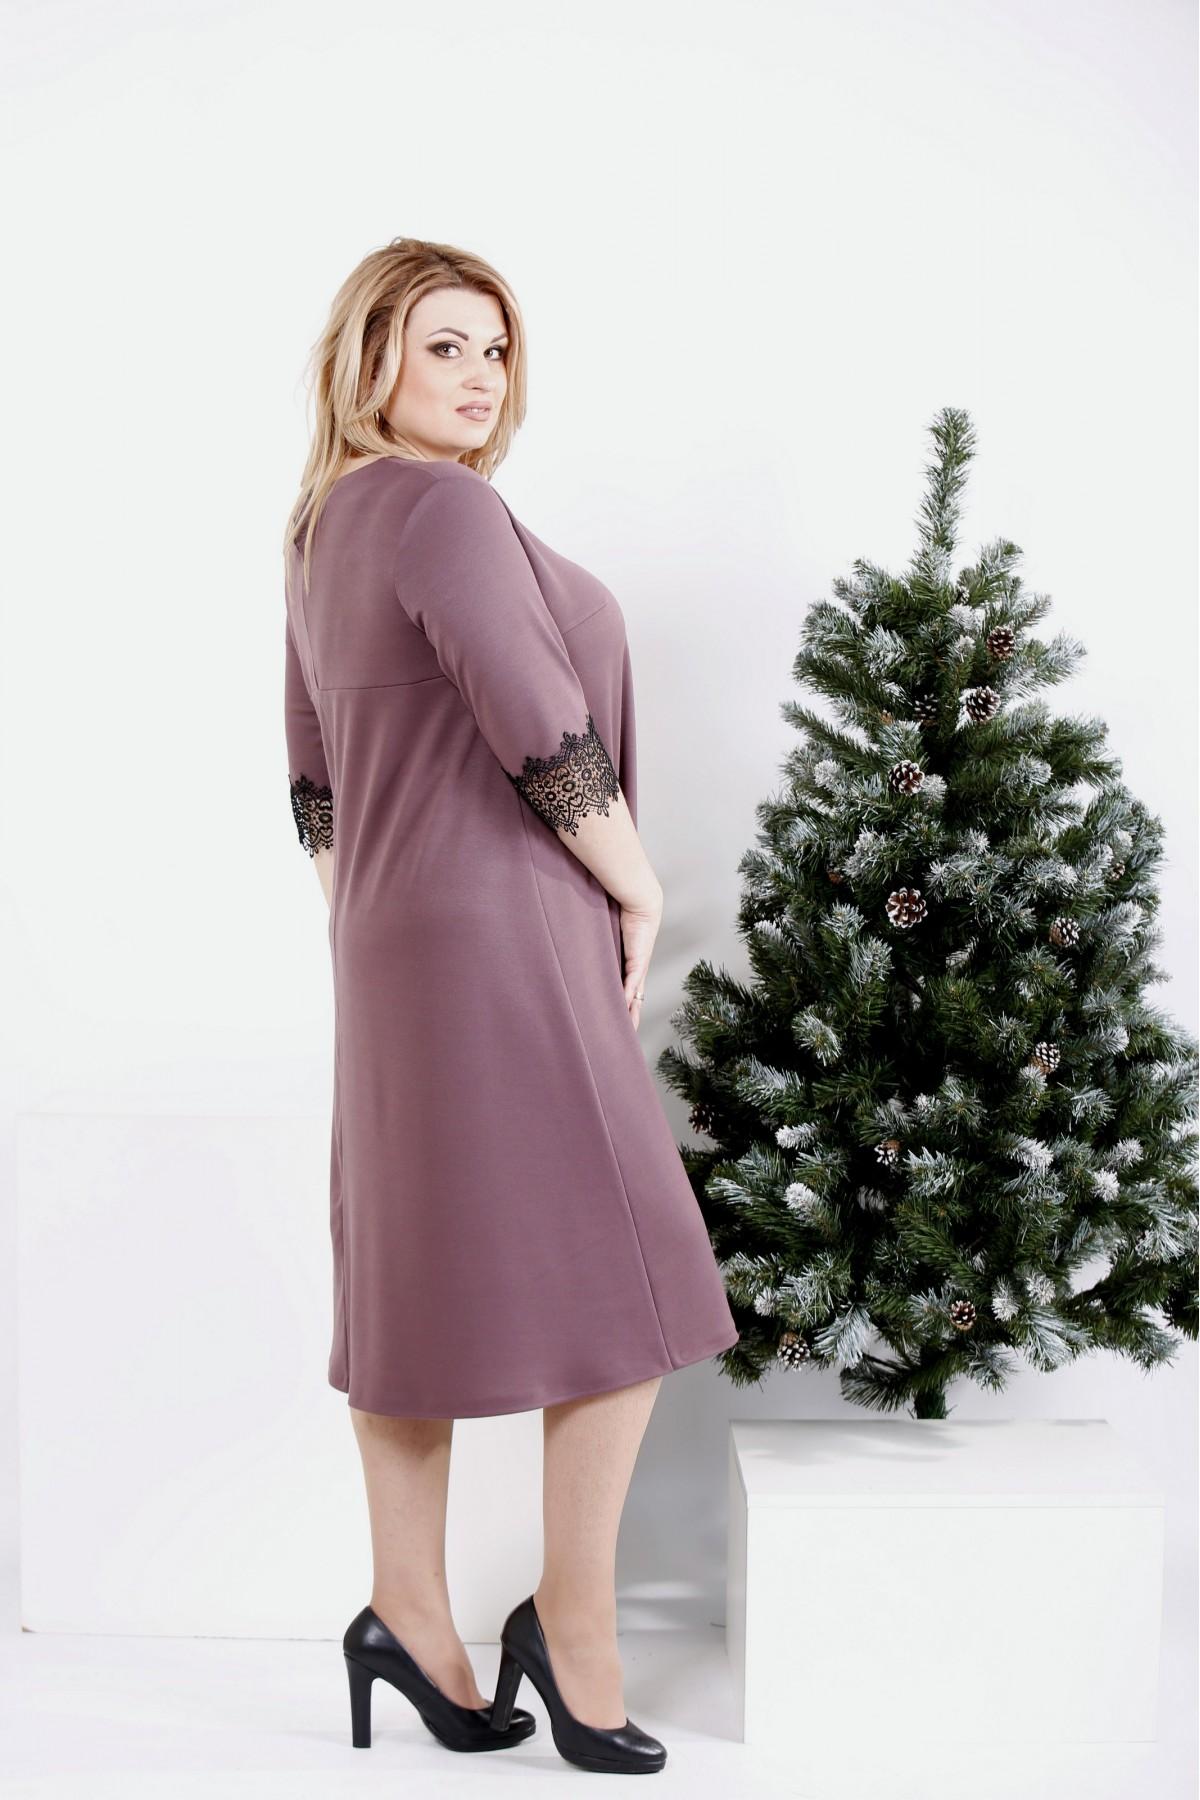 ... Фото Вільне плаття бісквітного кольору  1b7428eac22a4